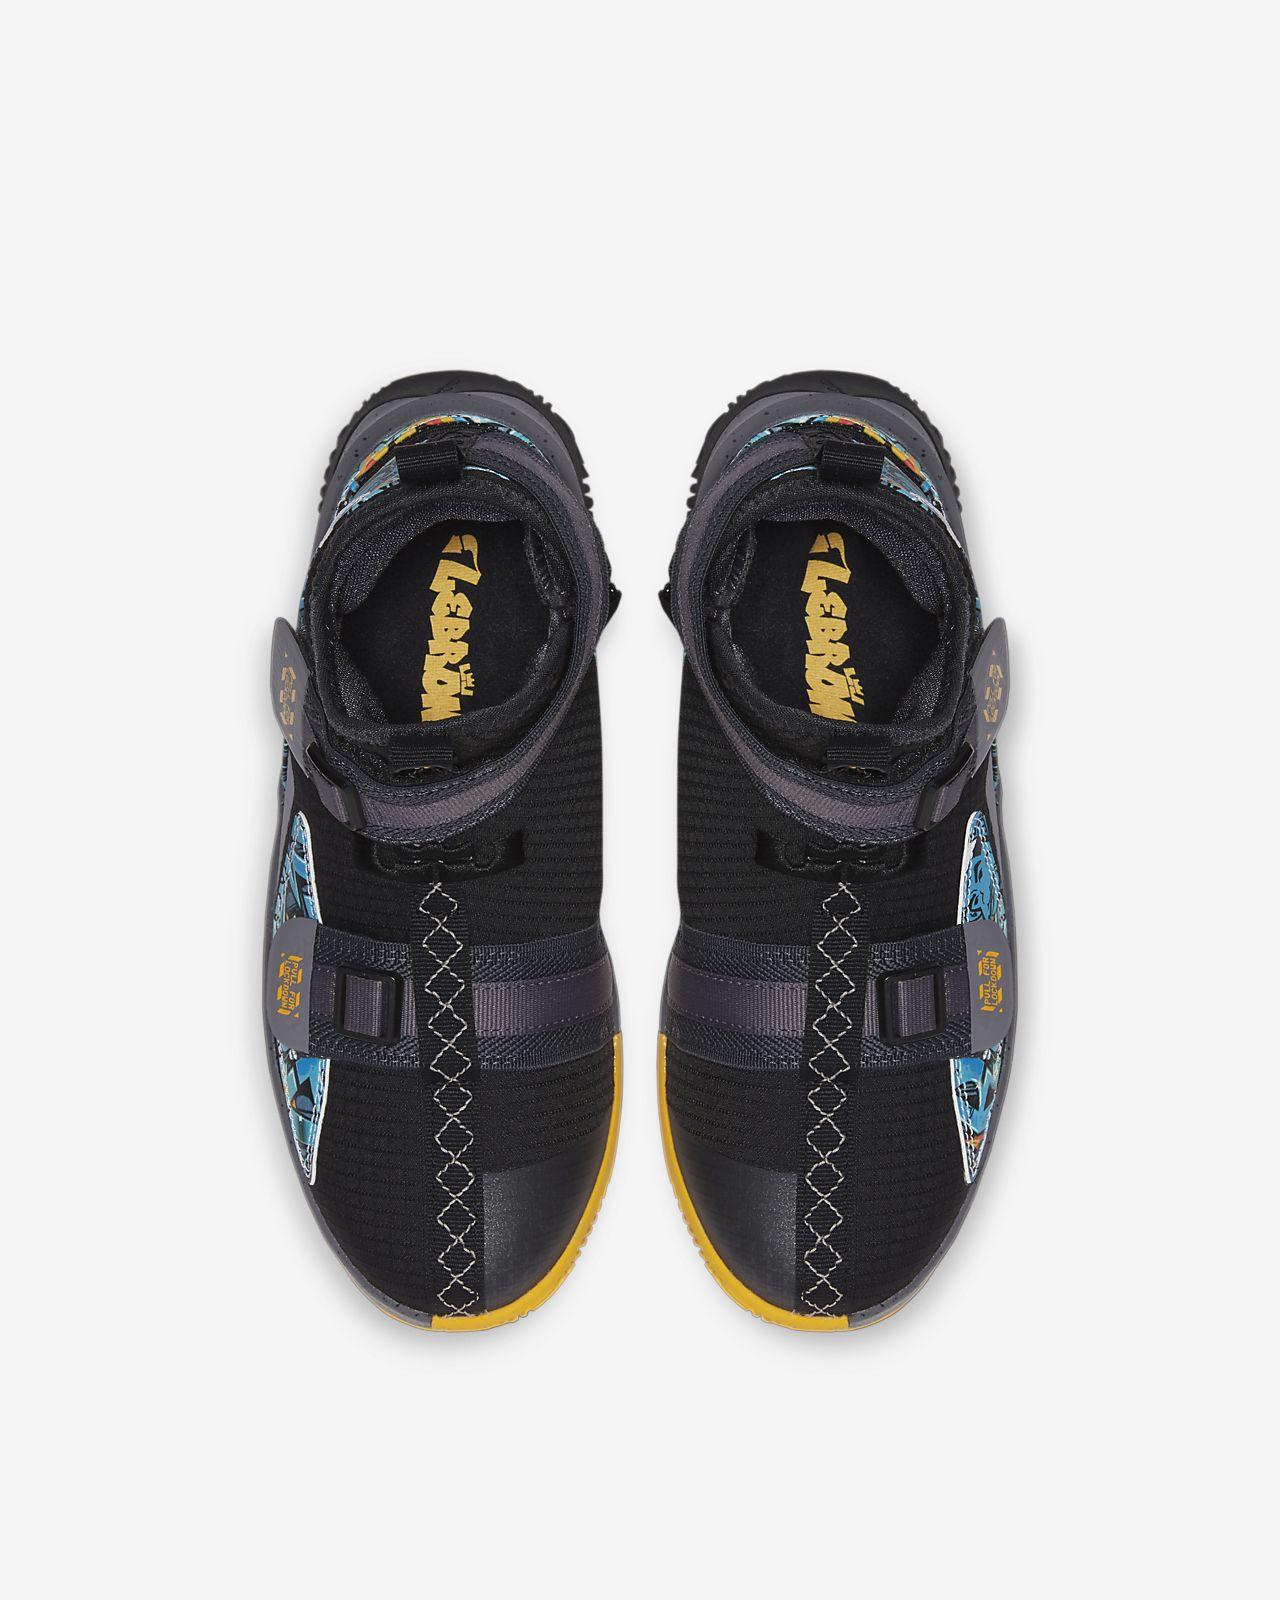 meilleure sélection 71338 9ae02 Chaussure de basketball LeBron Soldier 13 FlyEase pour Enfant plus âgé